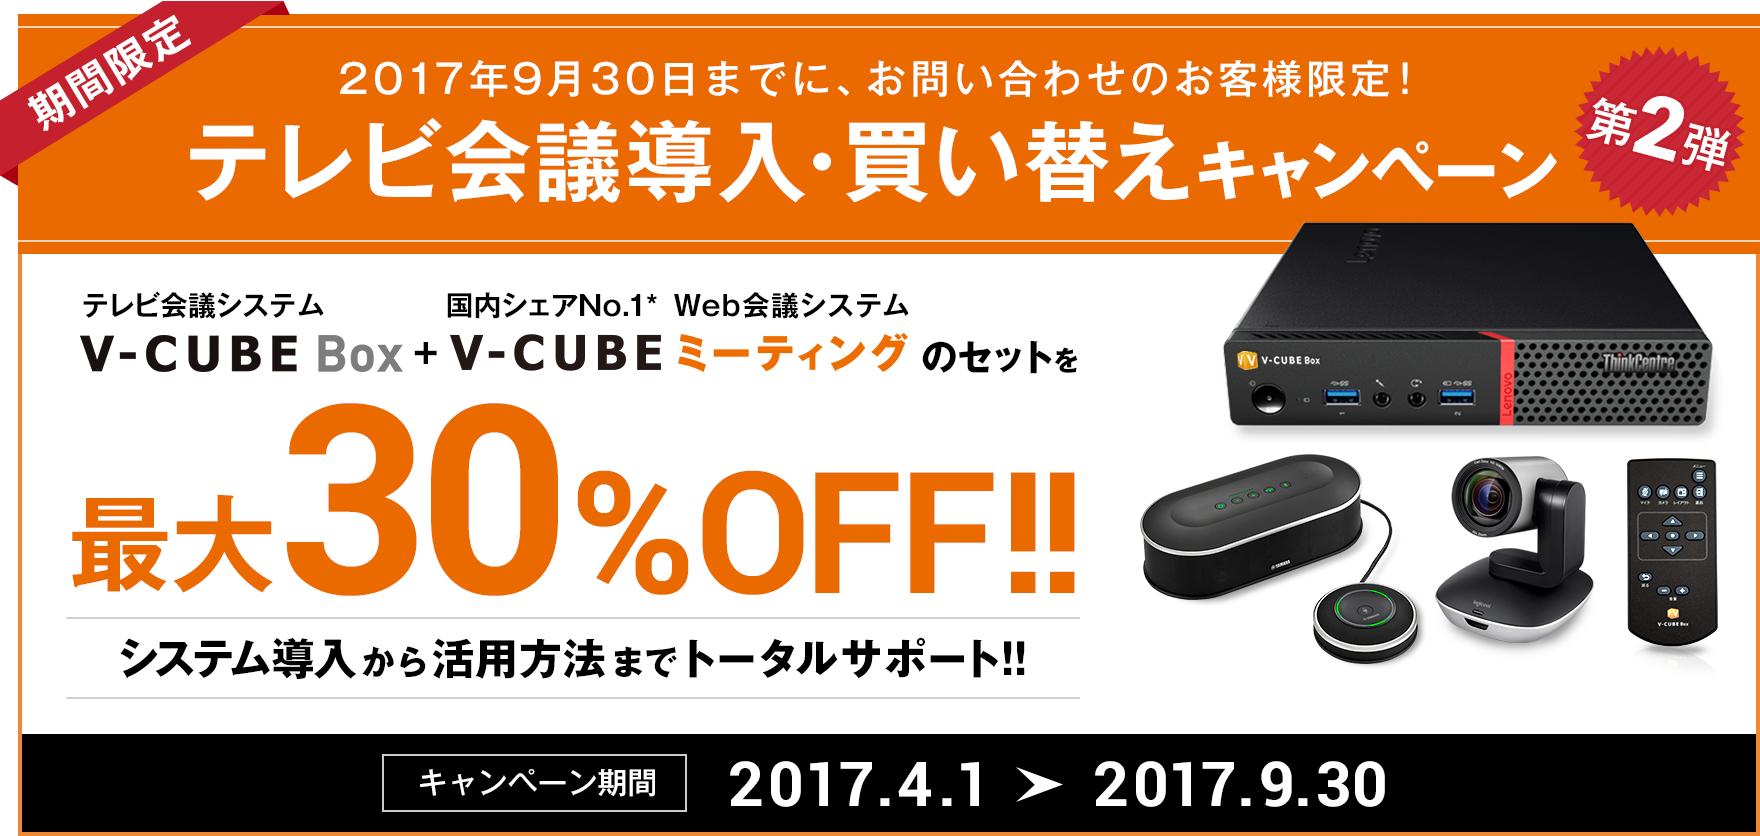 「V-CUBE Box」「V-CUBE ミーティング」最大30%OFF!